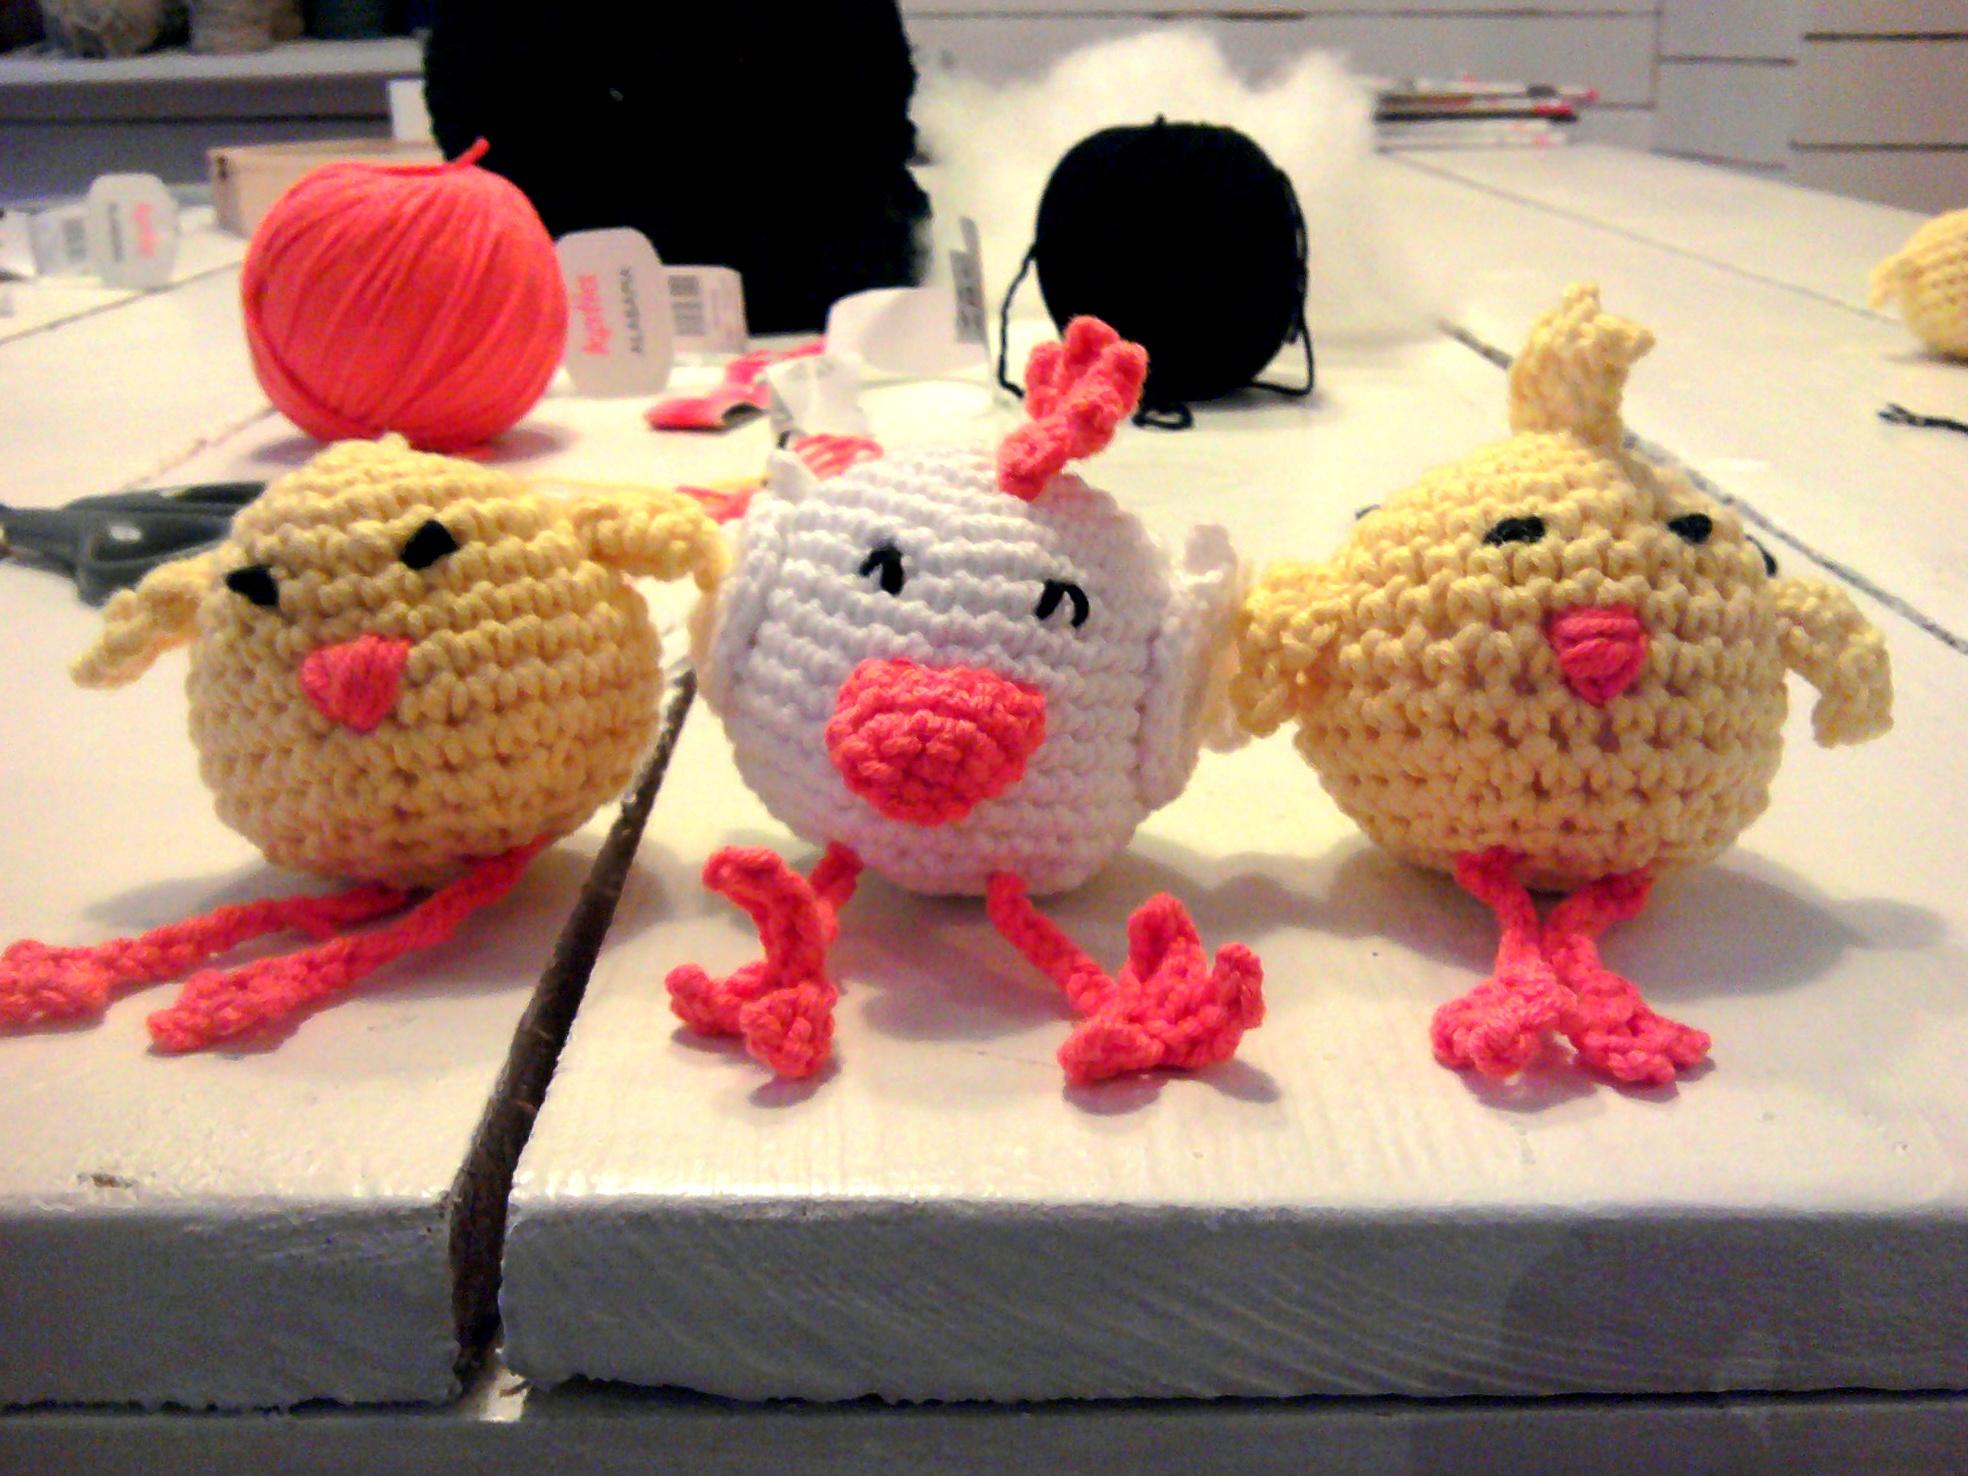 pollitos-adorables-amigurumi-taller-sevilla-adoraideas